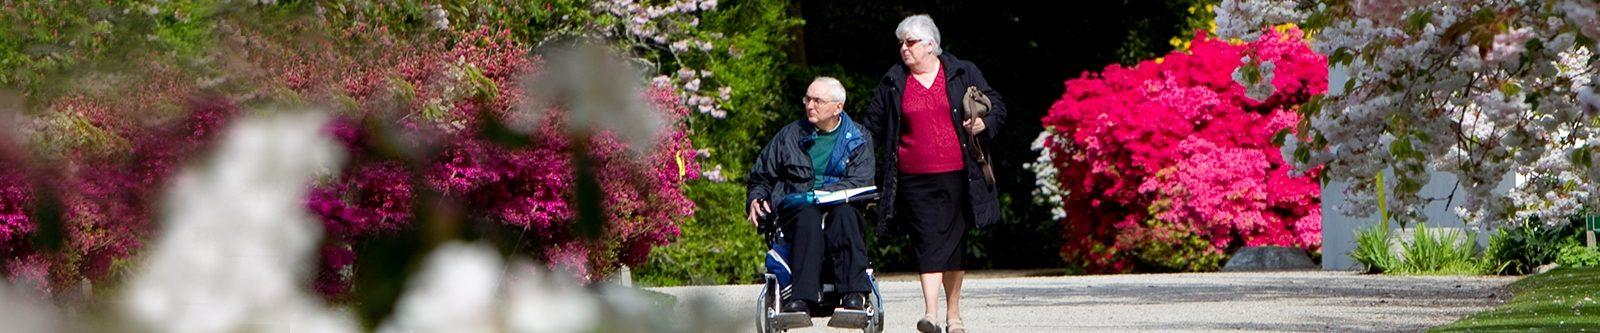 wheelchair user in gardens